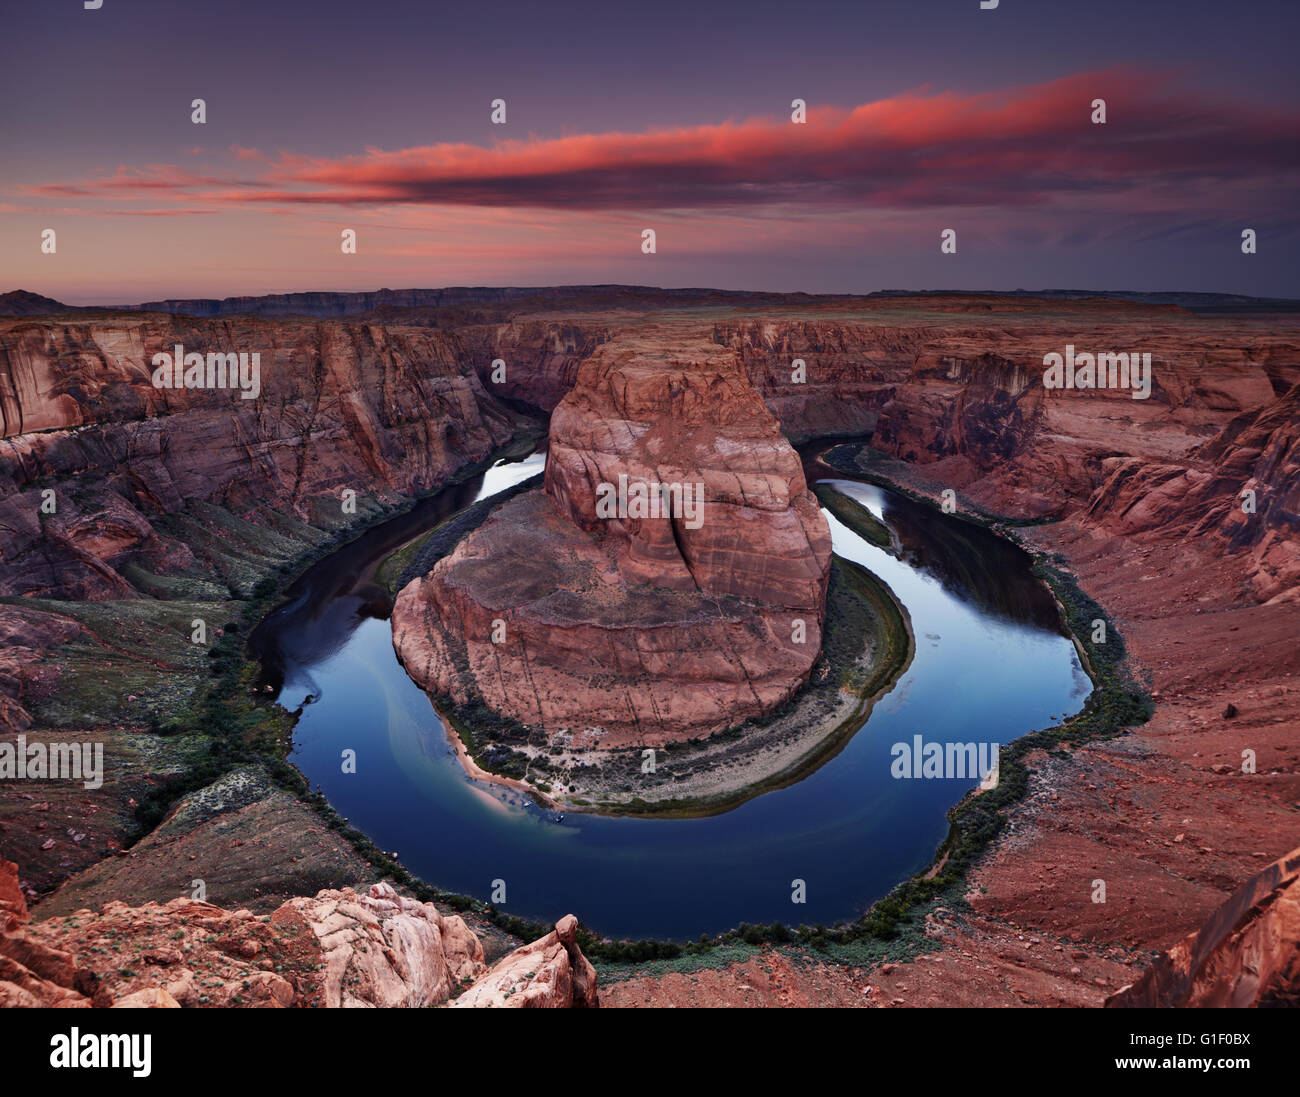 Río Colorado al amanecer, curva de herradura, Page, Arizona, EE.UU. Imagen De Stock